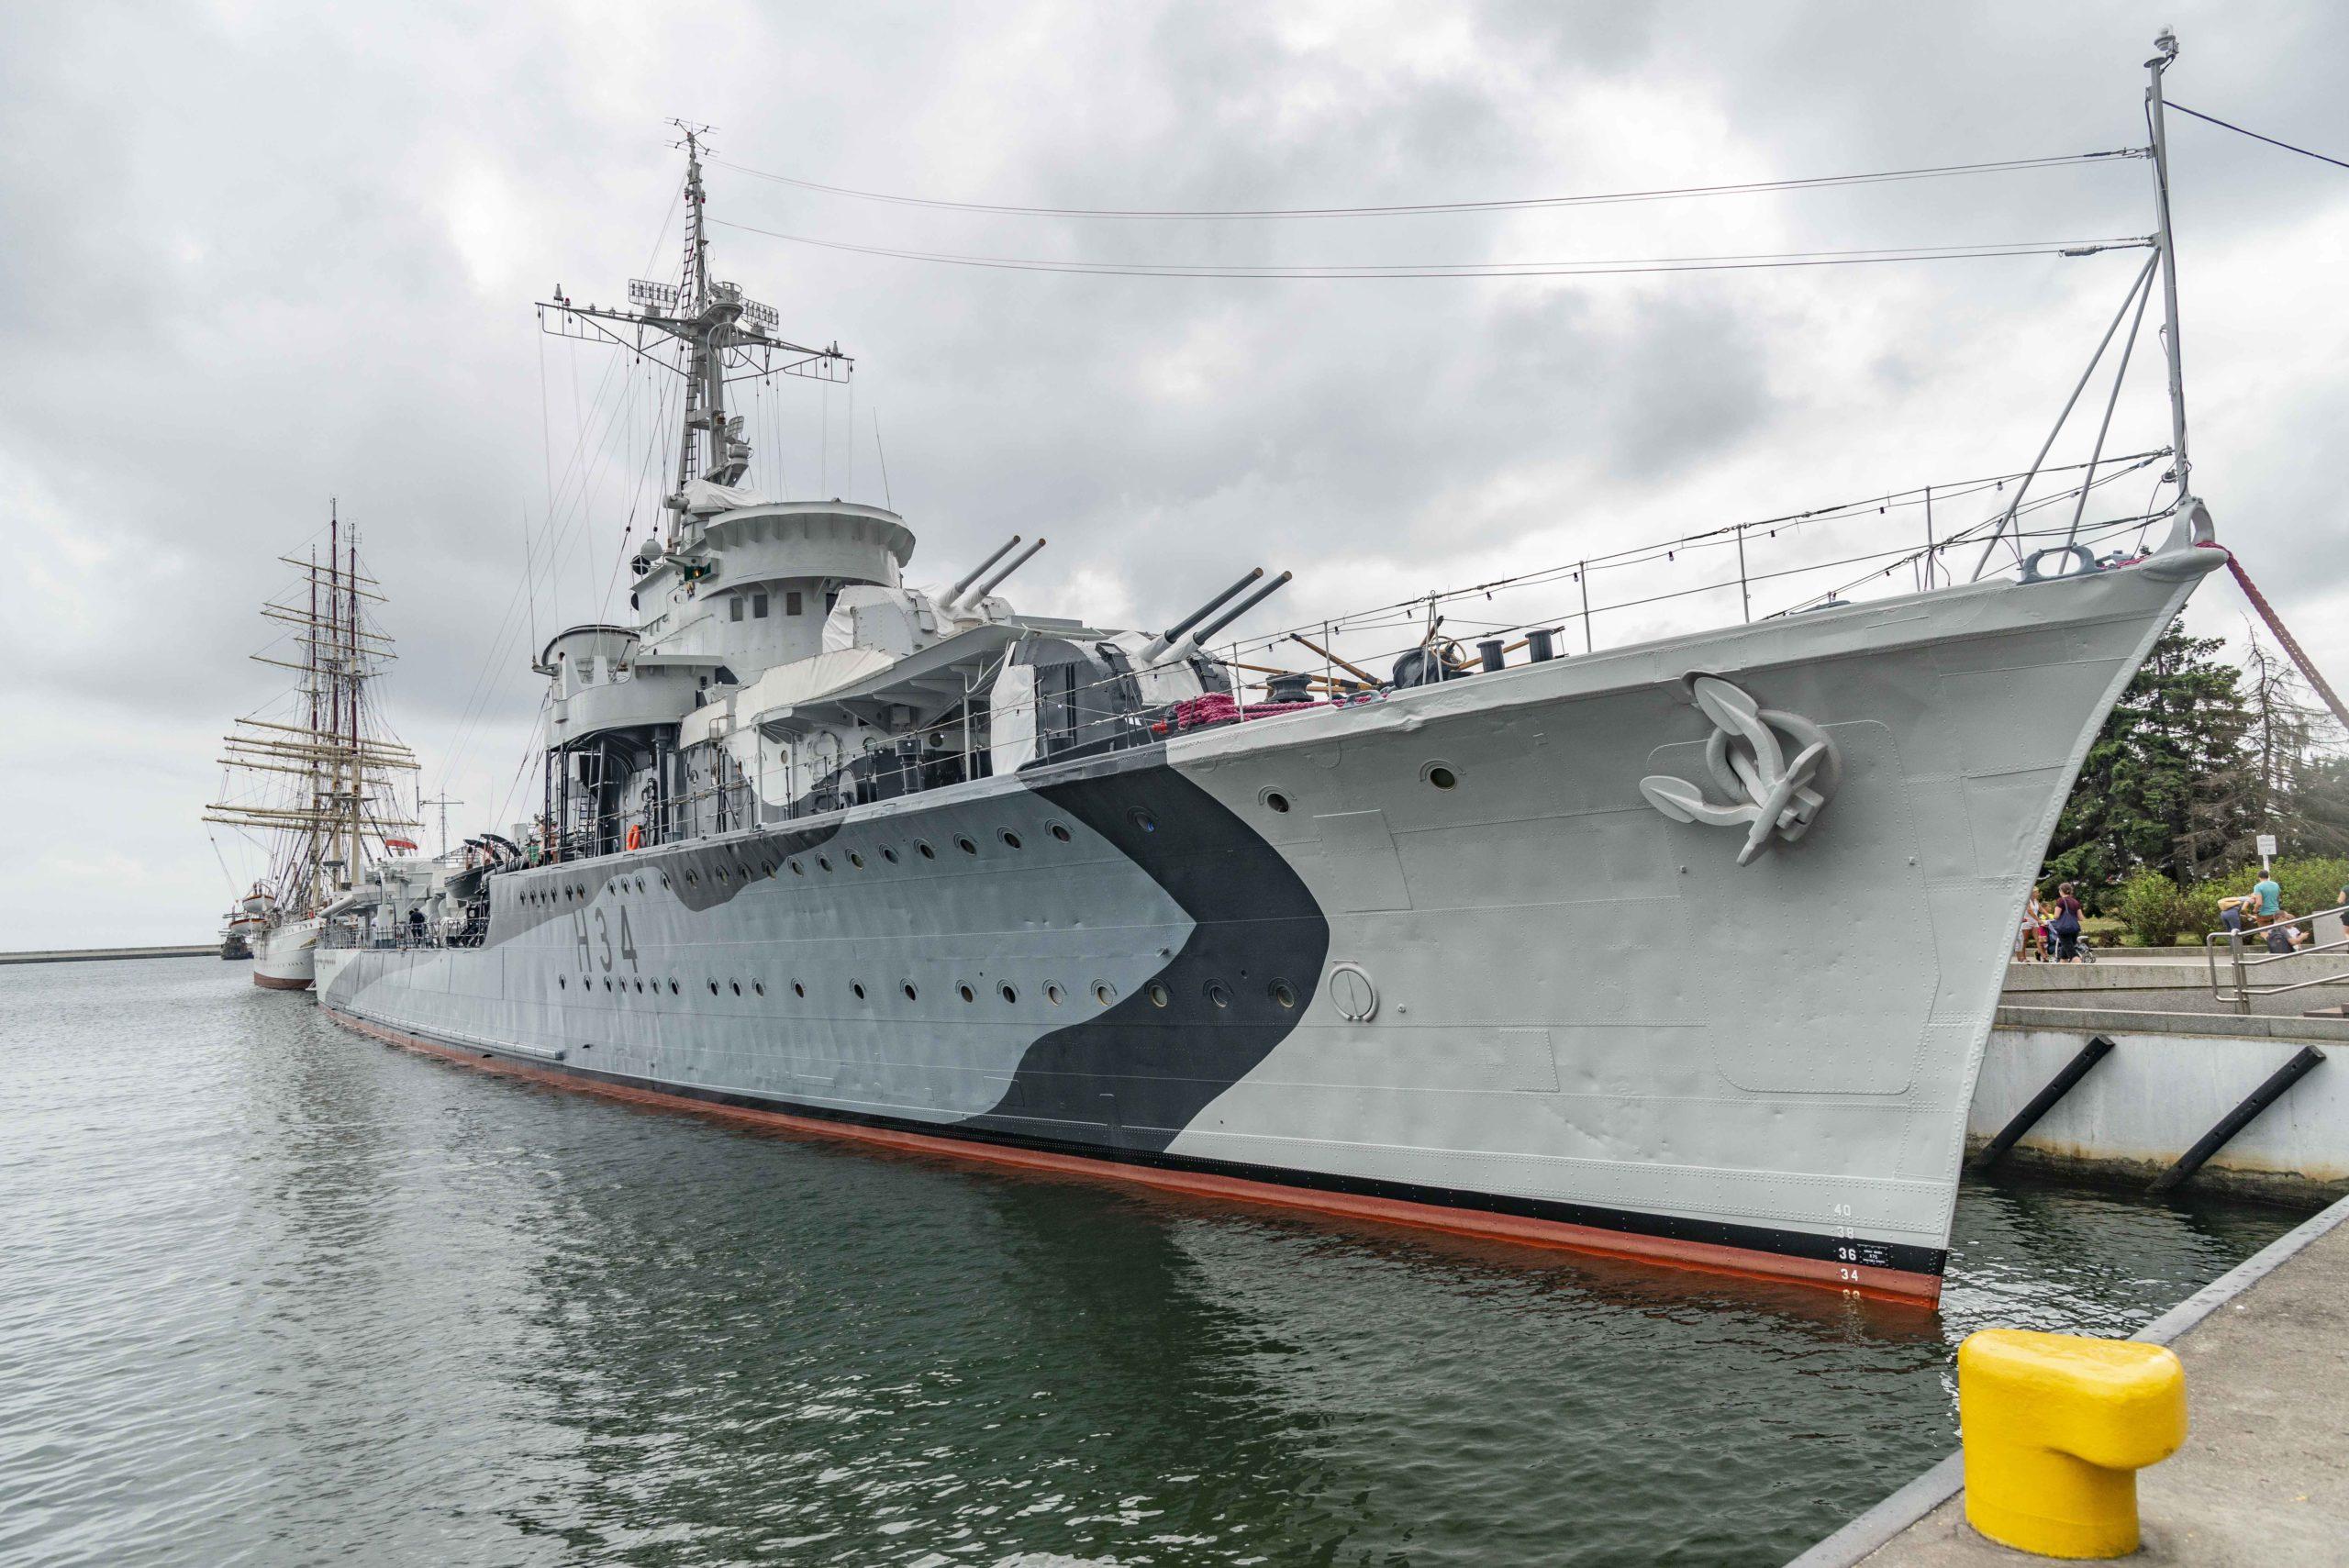 Museumsschiffe im Hafen von Gdynia